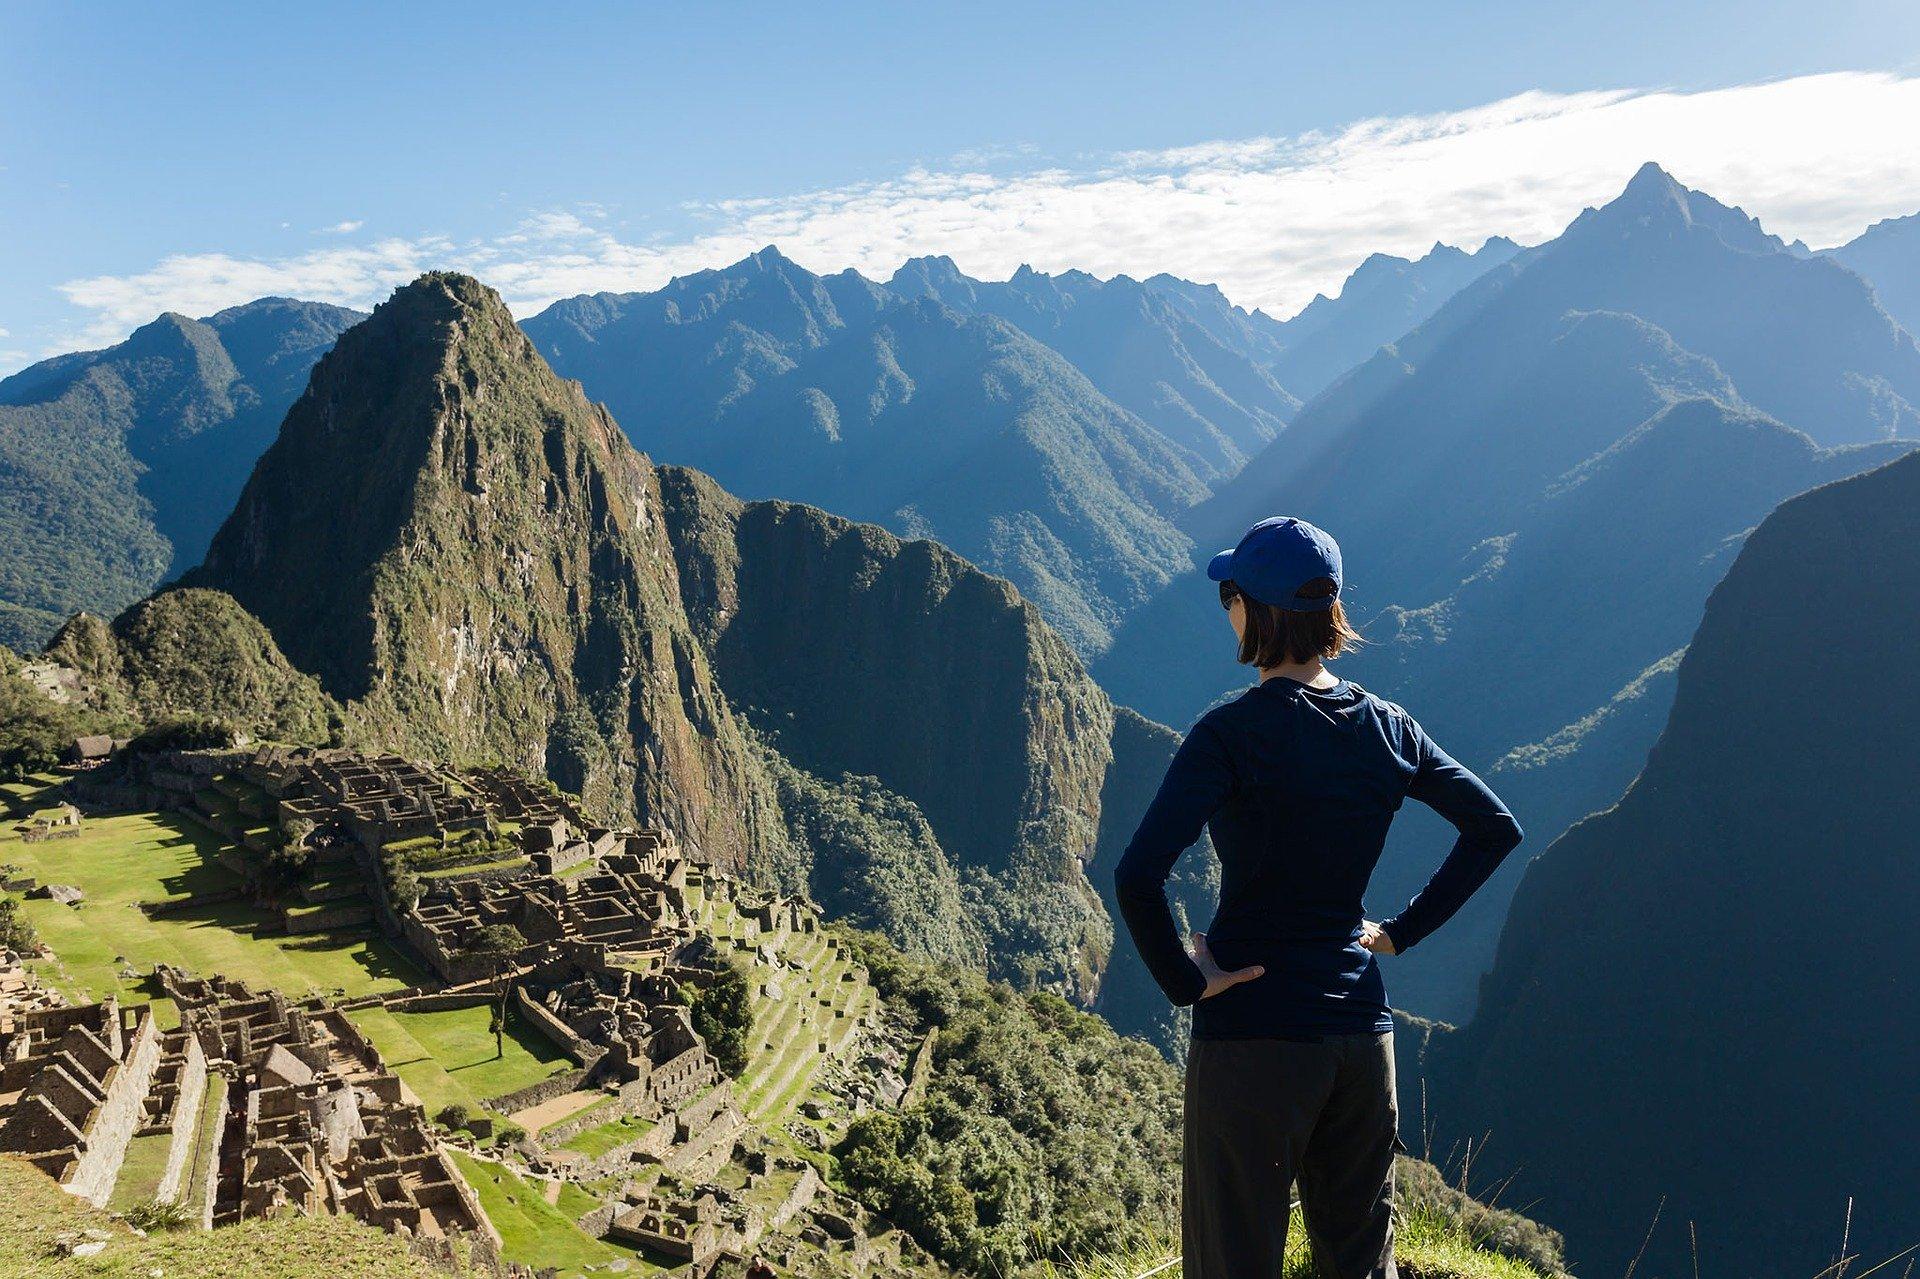 Peru overlooking Machu Picchu in appreciation of our planet